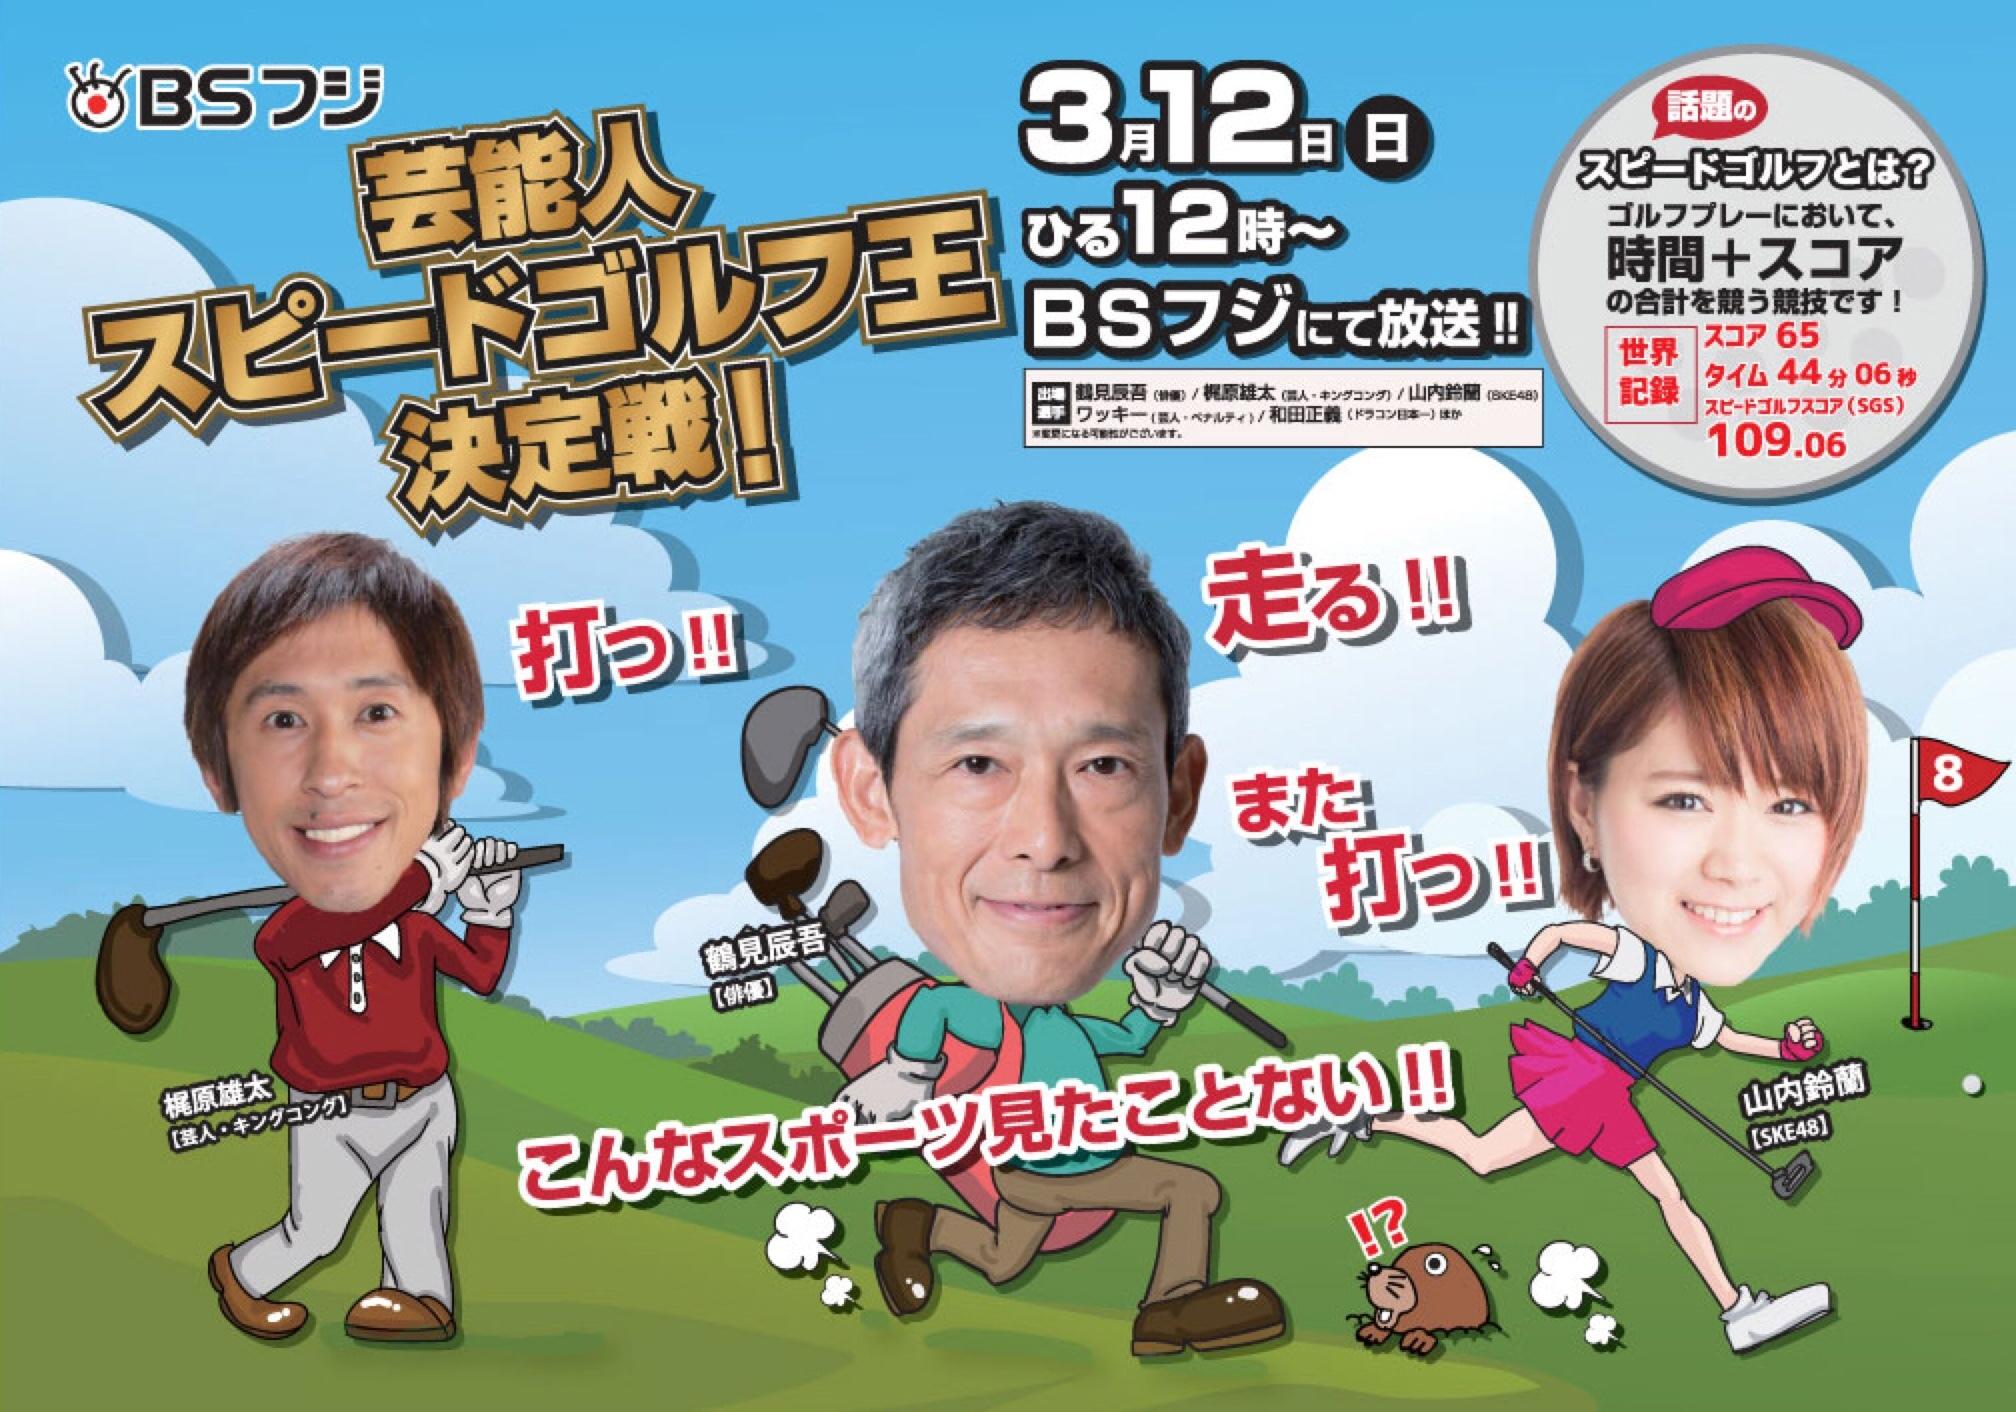 芸能人No.1のスピードゴルファーは誰!?BSフジで3月12日(日)に特番放送!